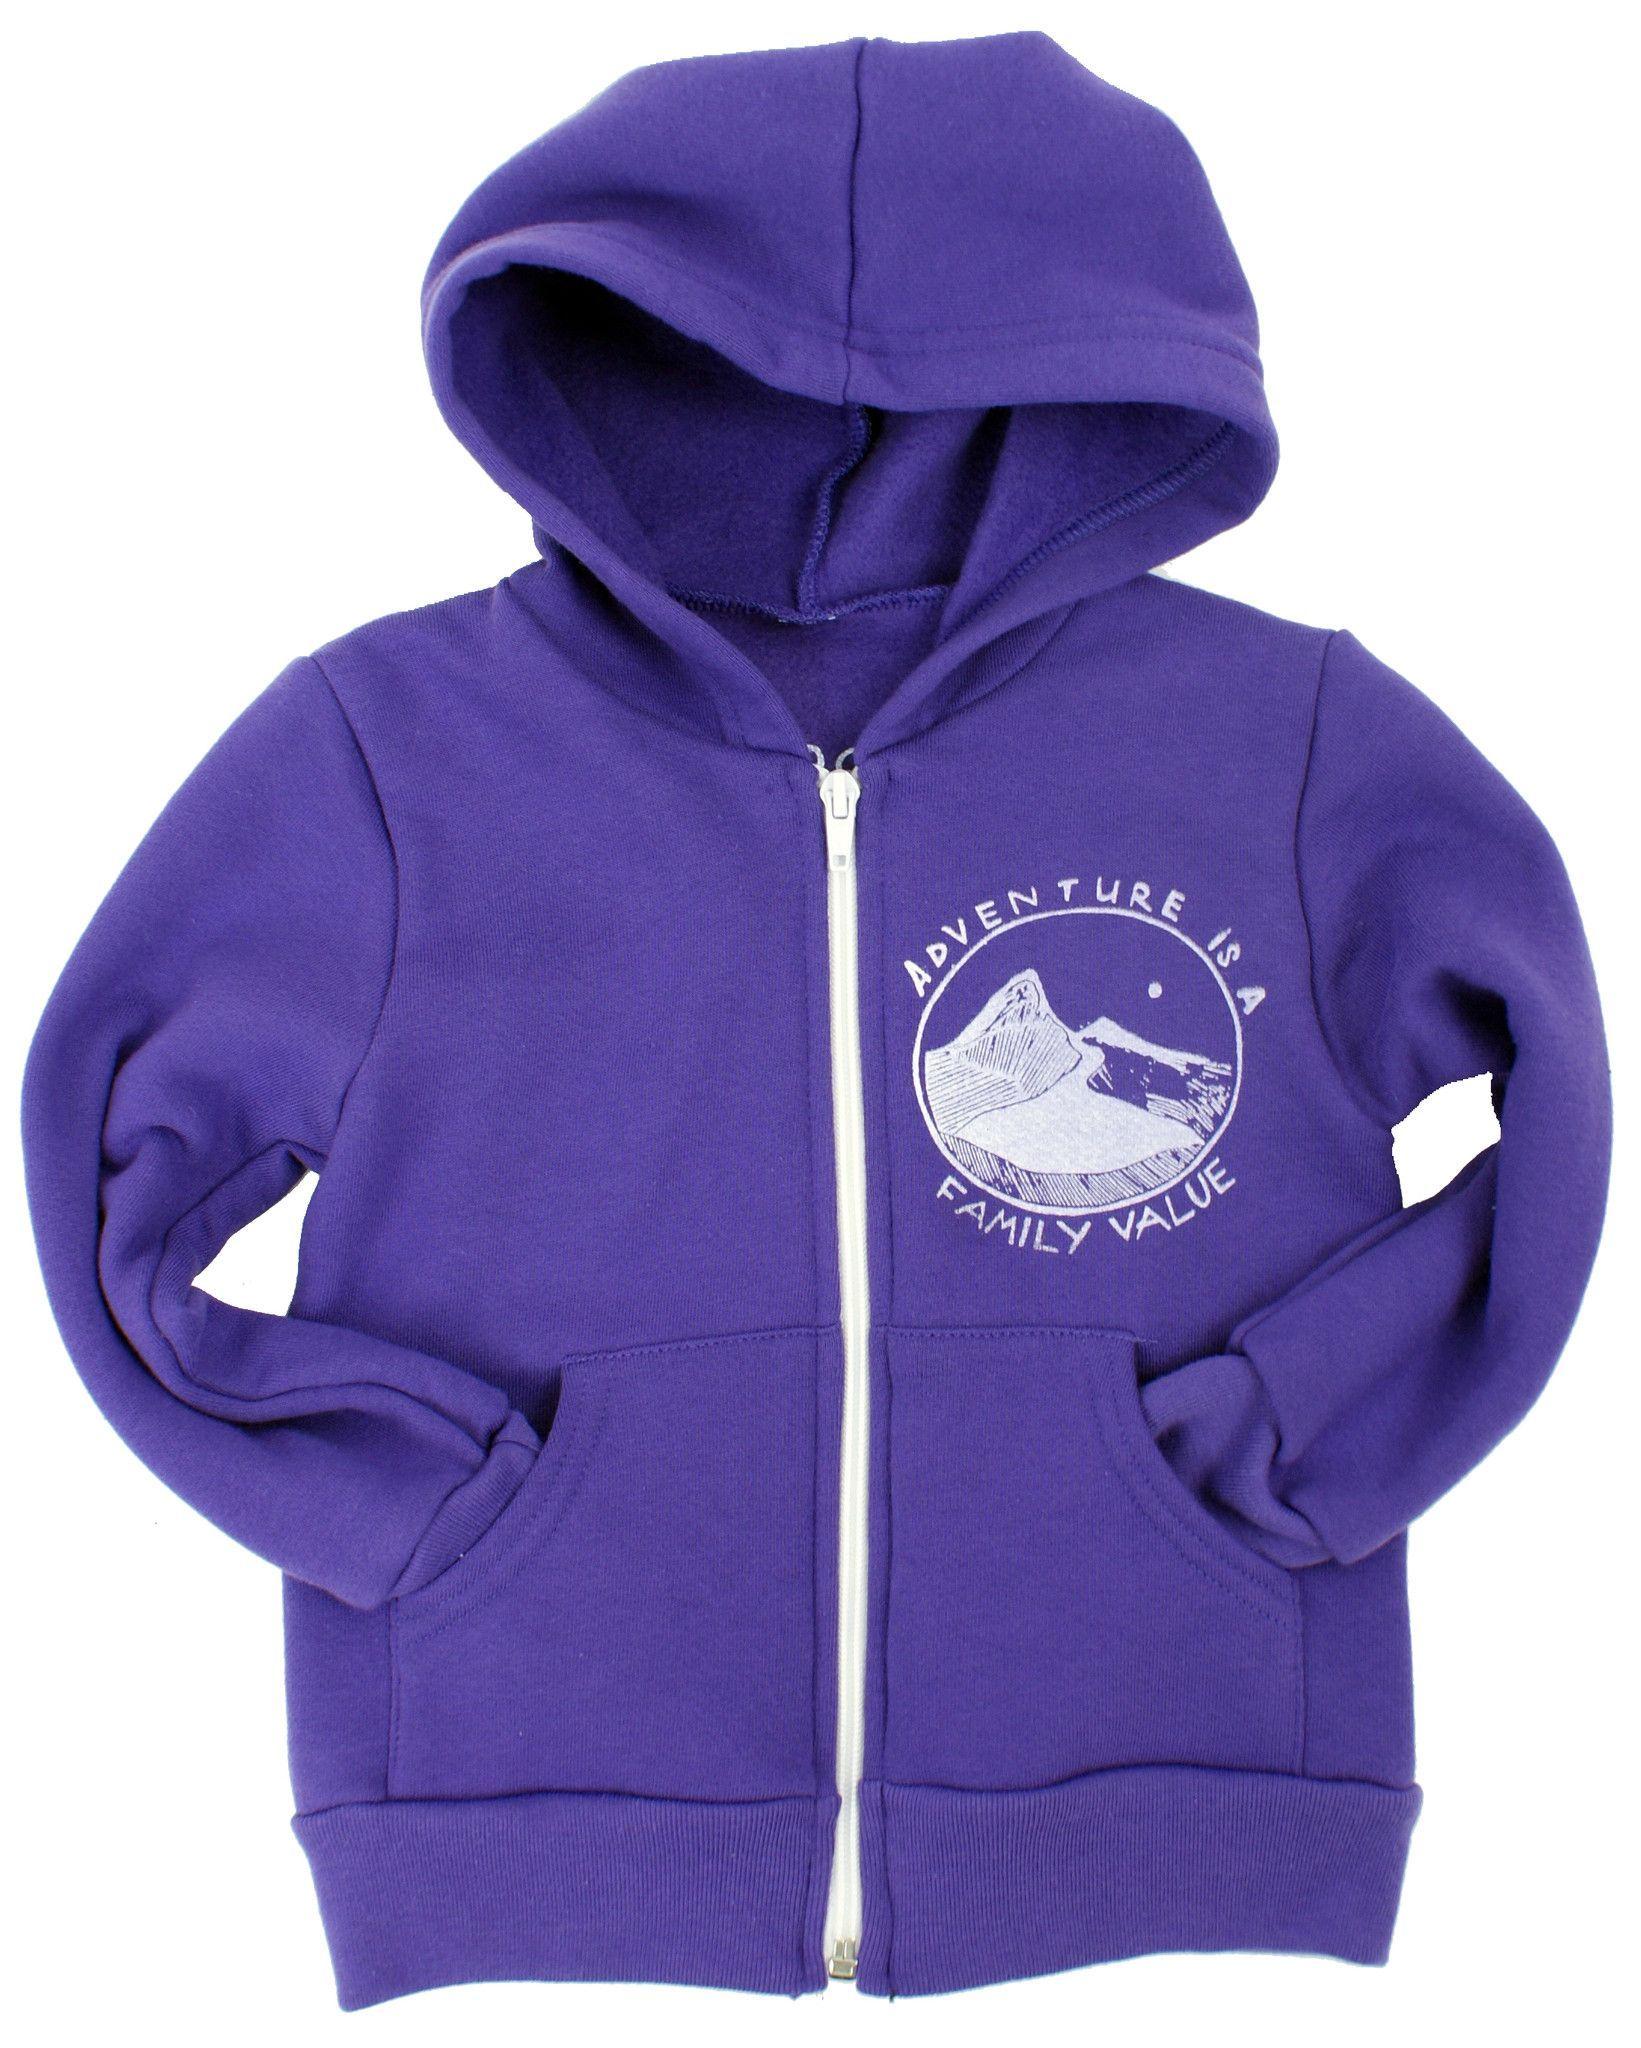 Adventure is a Family Value Zip Hoodie in Purple